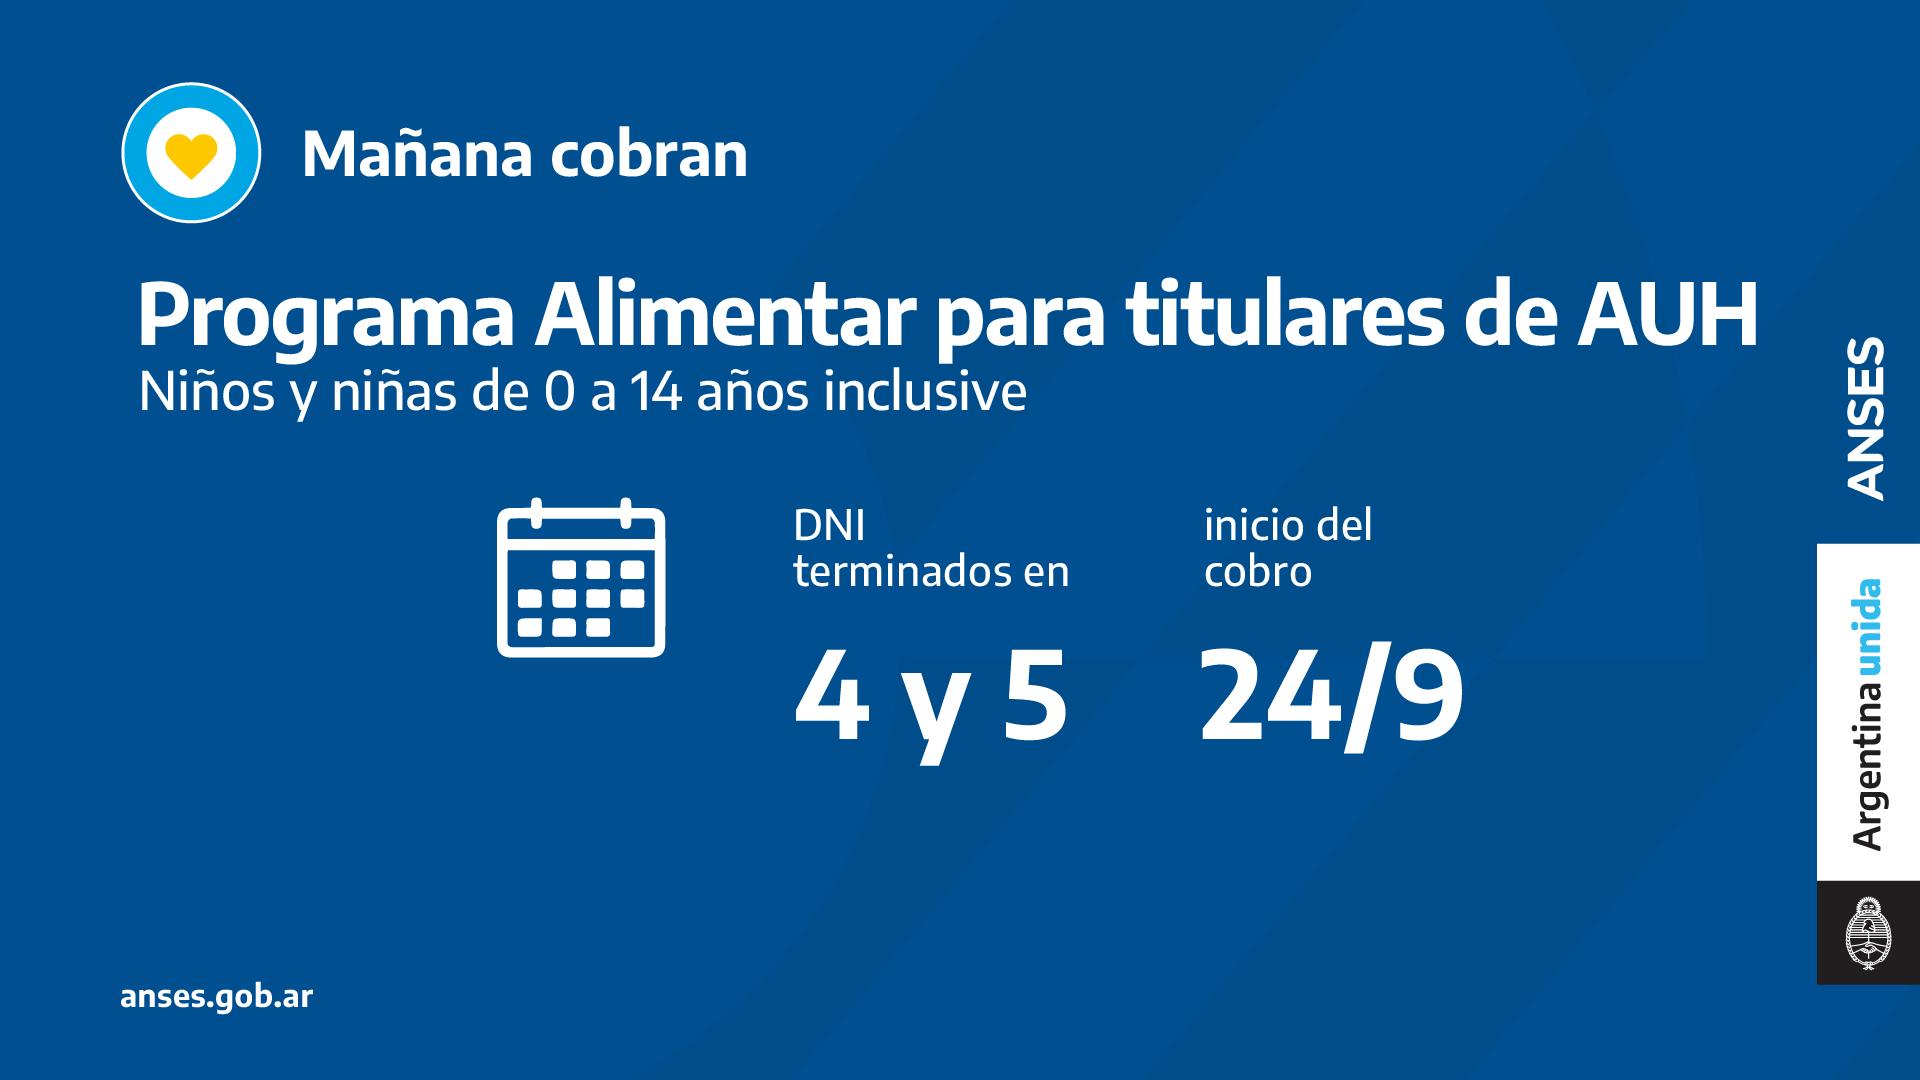 ANSES CALENDARIOS DE PAGO DEL VIERNES 24 DE SEPTIEMBRE